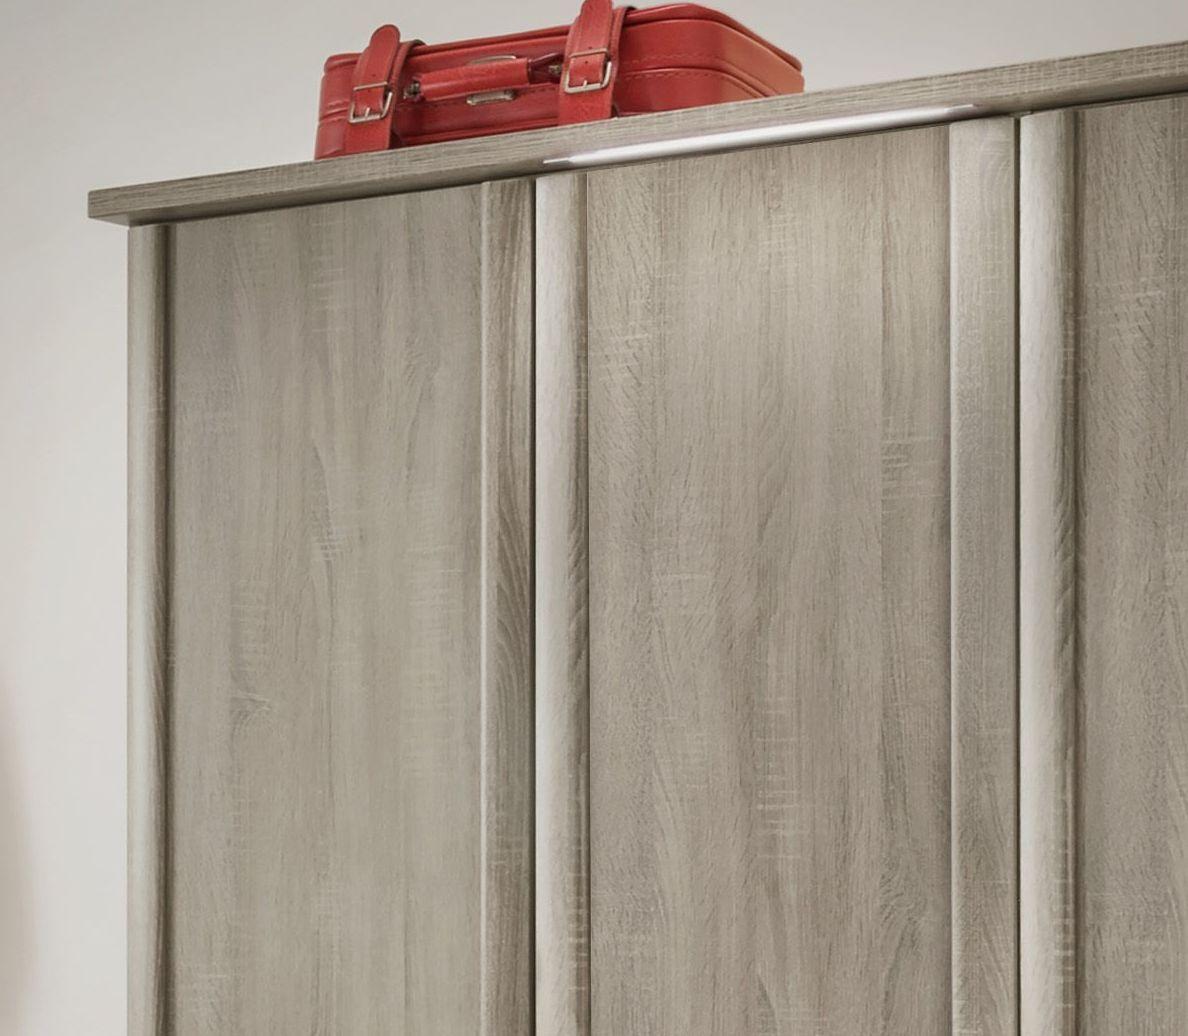 kleiderschrank tr ffeleiche dekor inkl innenausstattung troia. Black Bedroom Furniture Sets. Home Design Ideas